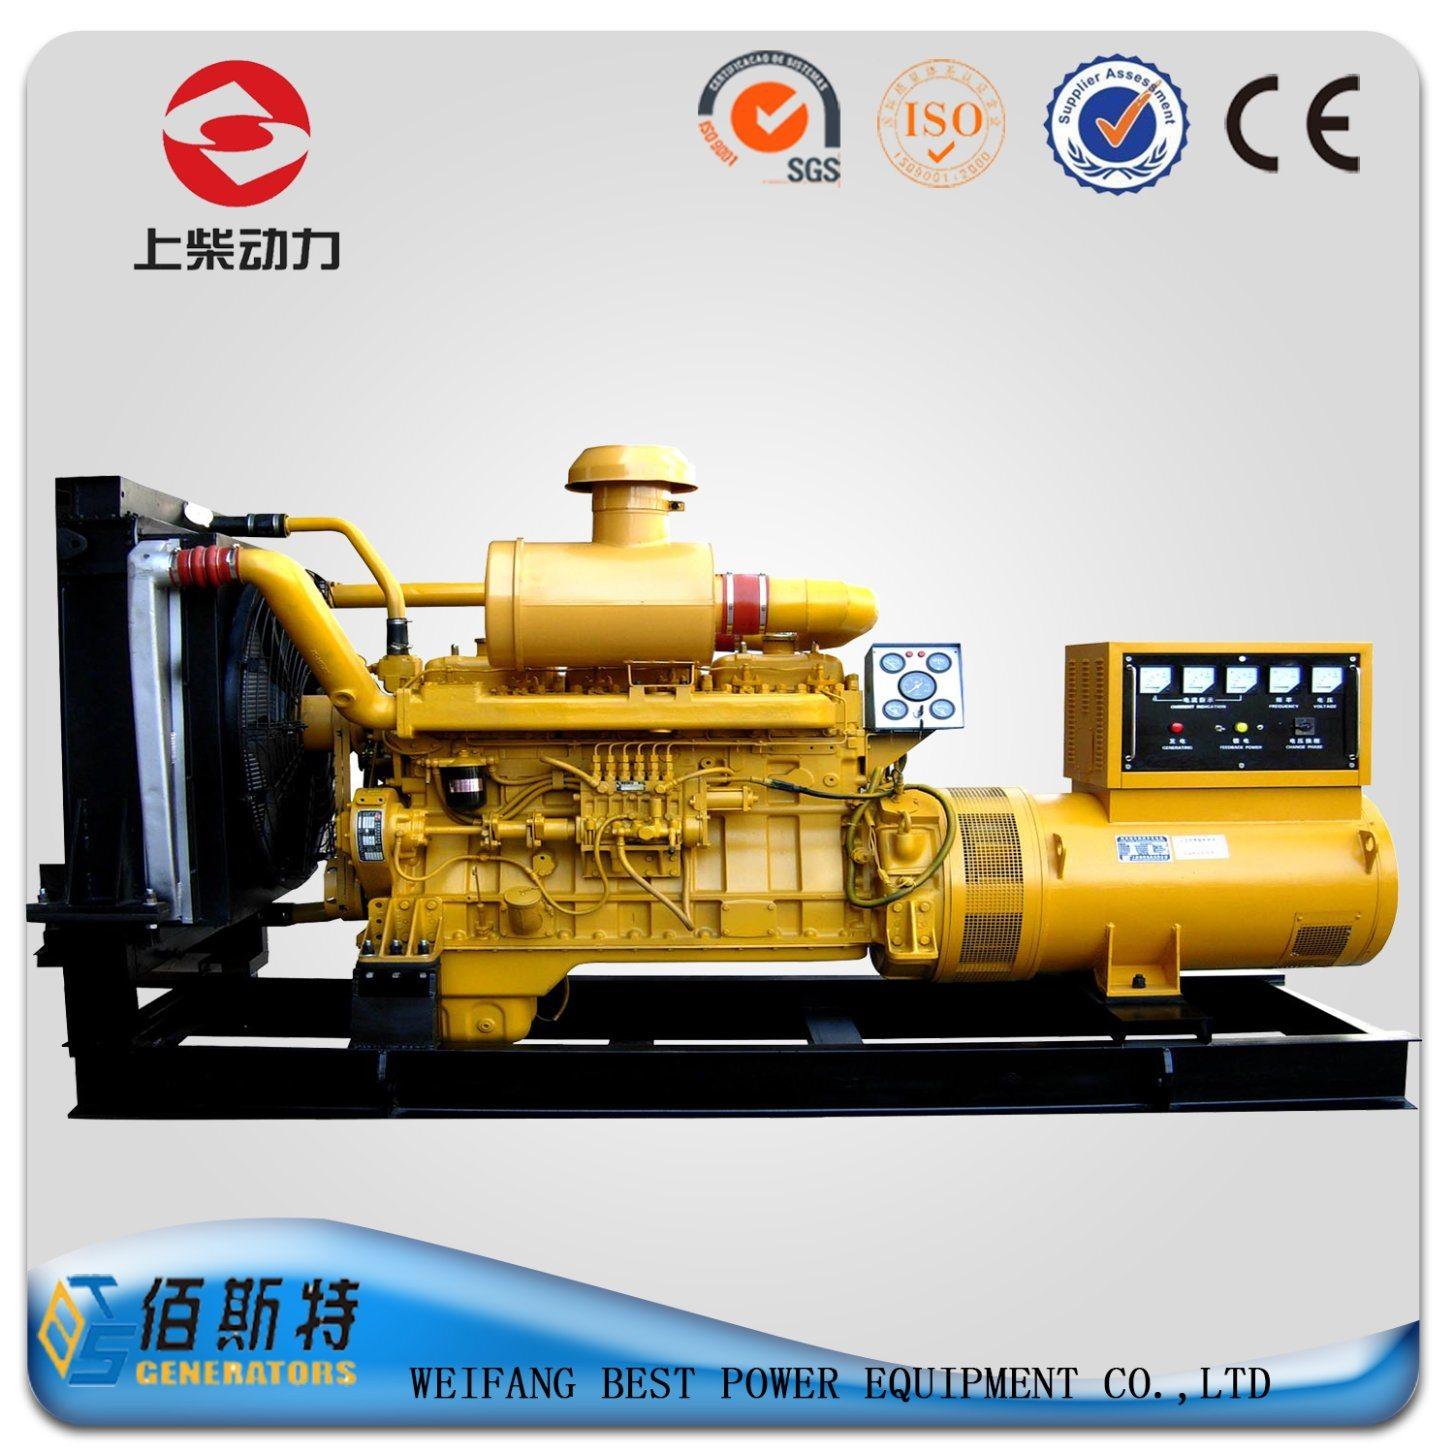 China 500kw Water Cooled Diesel Genset Diesel Generator Set of